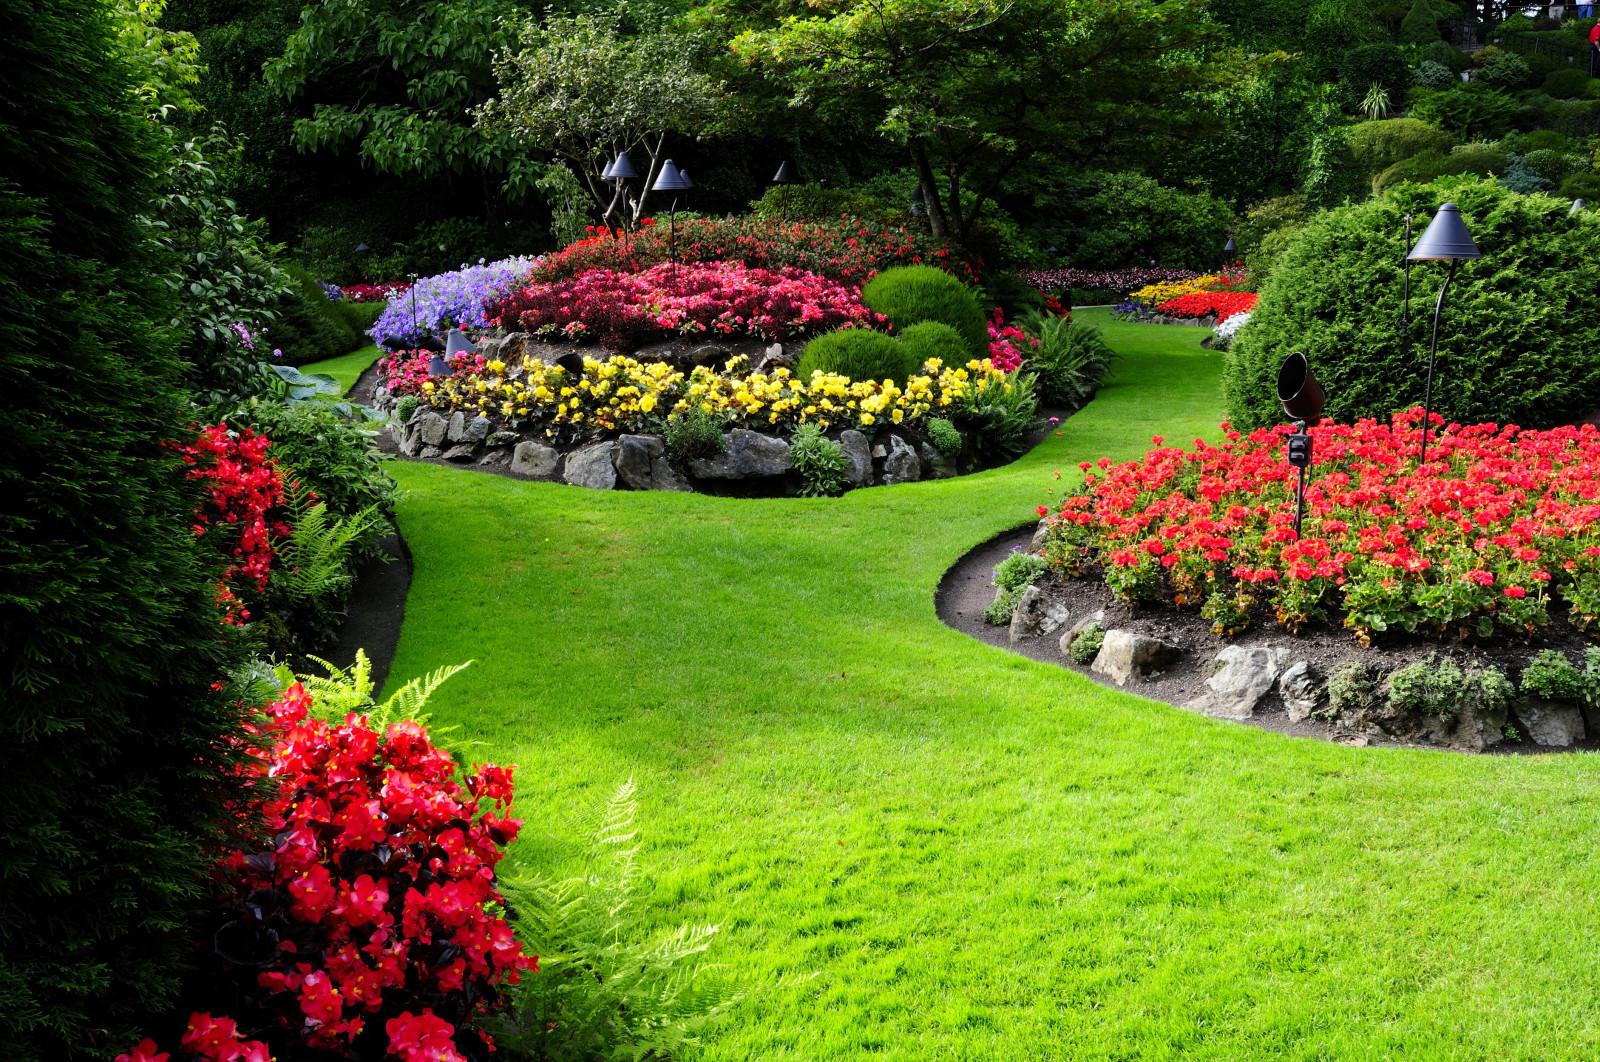 Fondos de pantalla paisaje flores naturaleza patio interior flor yarda planta c sped - Disenador de jardines ...